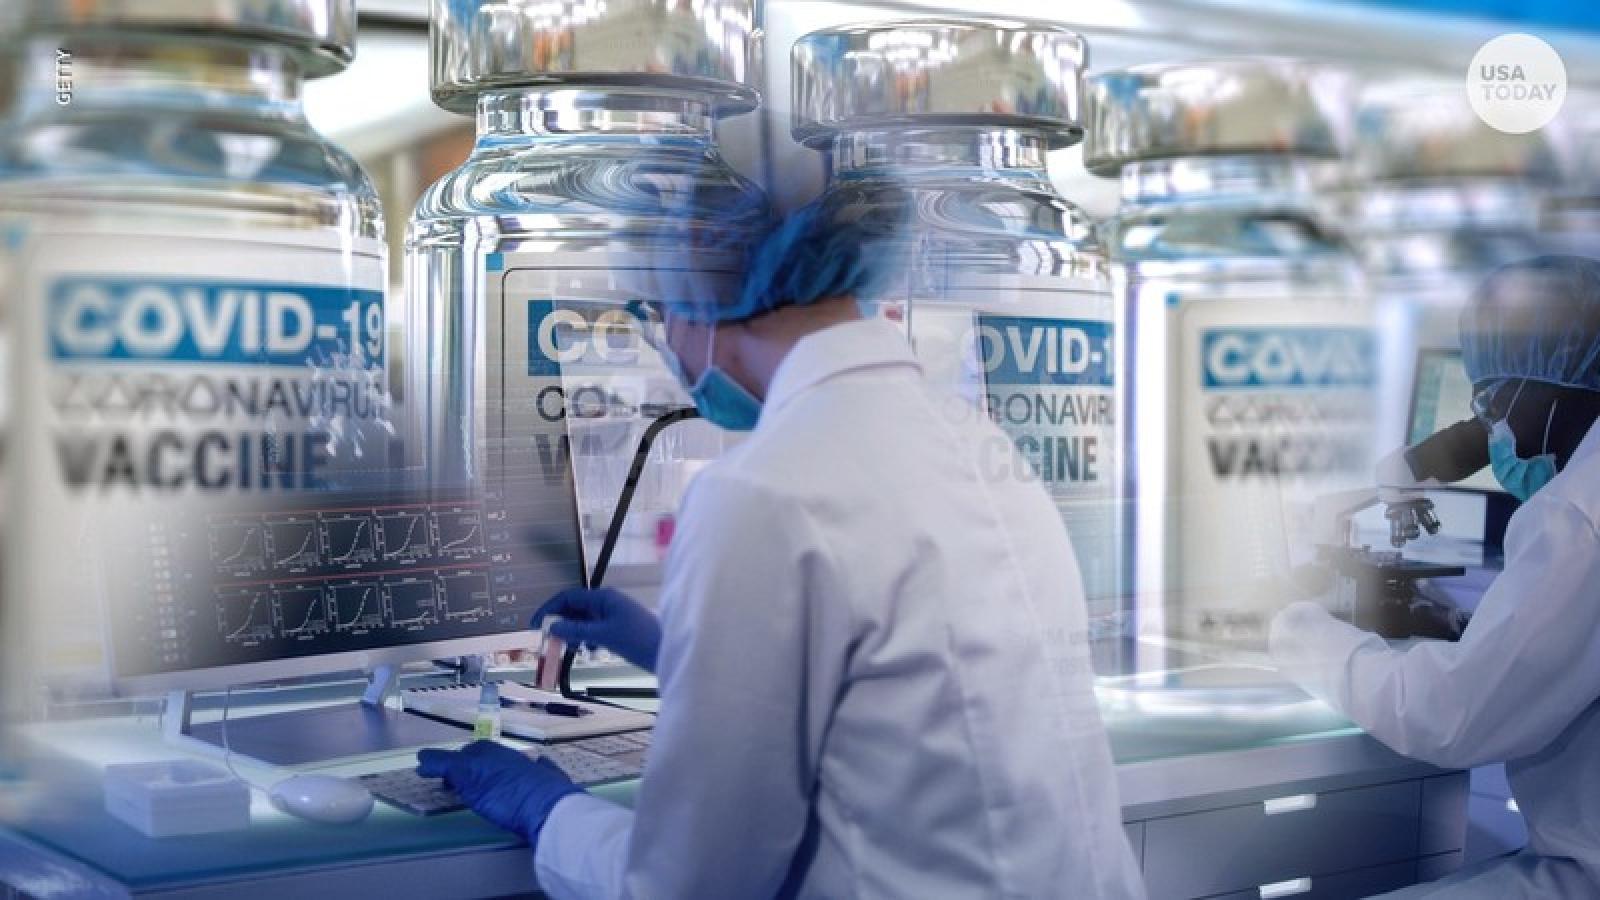 Mỹ dự kiến phân phối 6,4 triệu liều vaccine ngừa Covid-19 của Pfizer từ giữa tháng 12